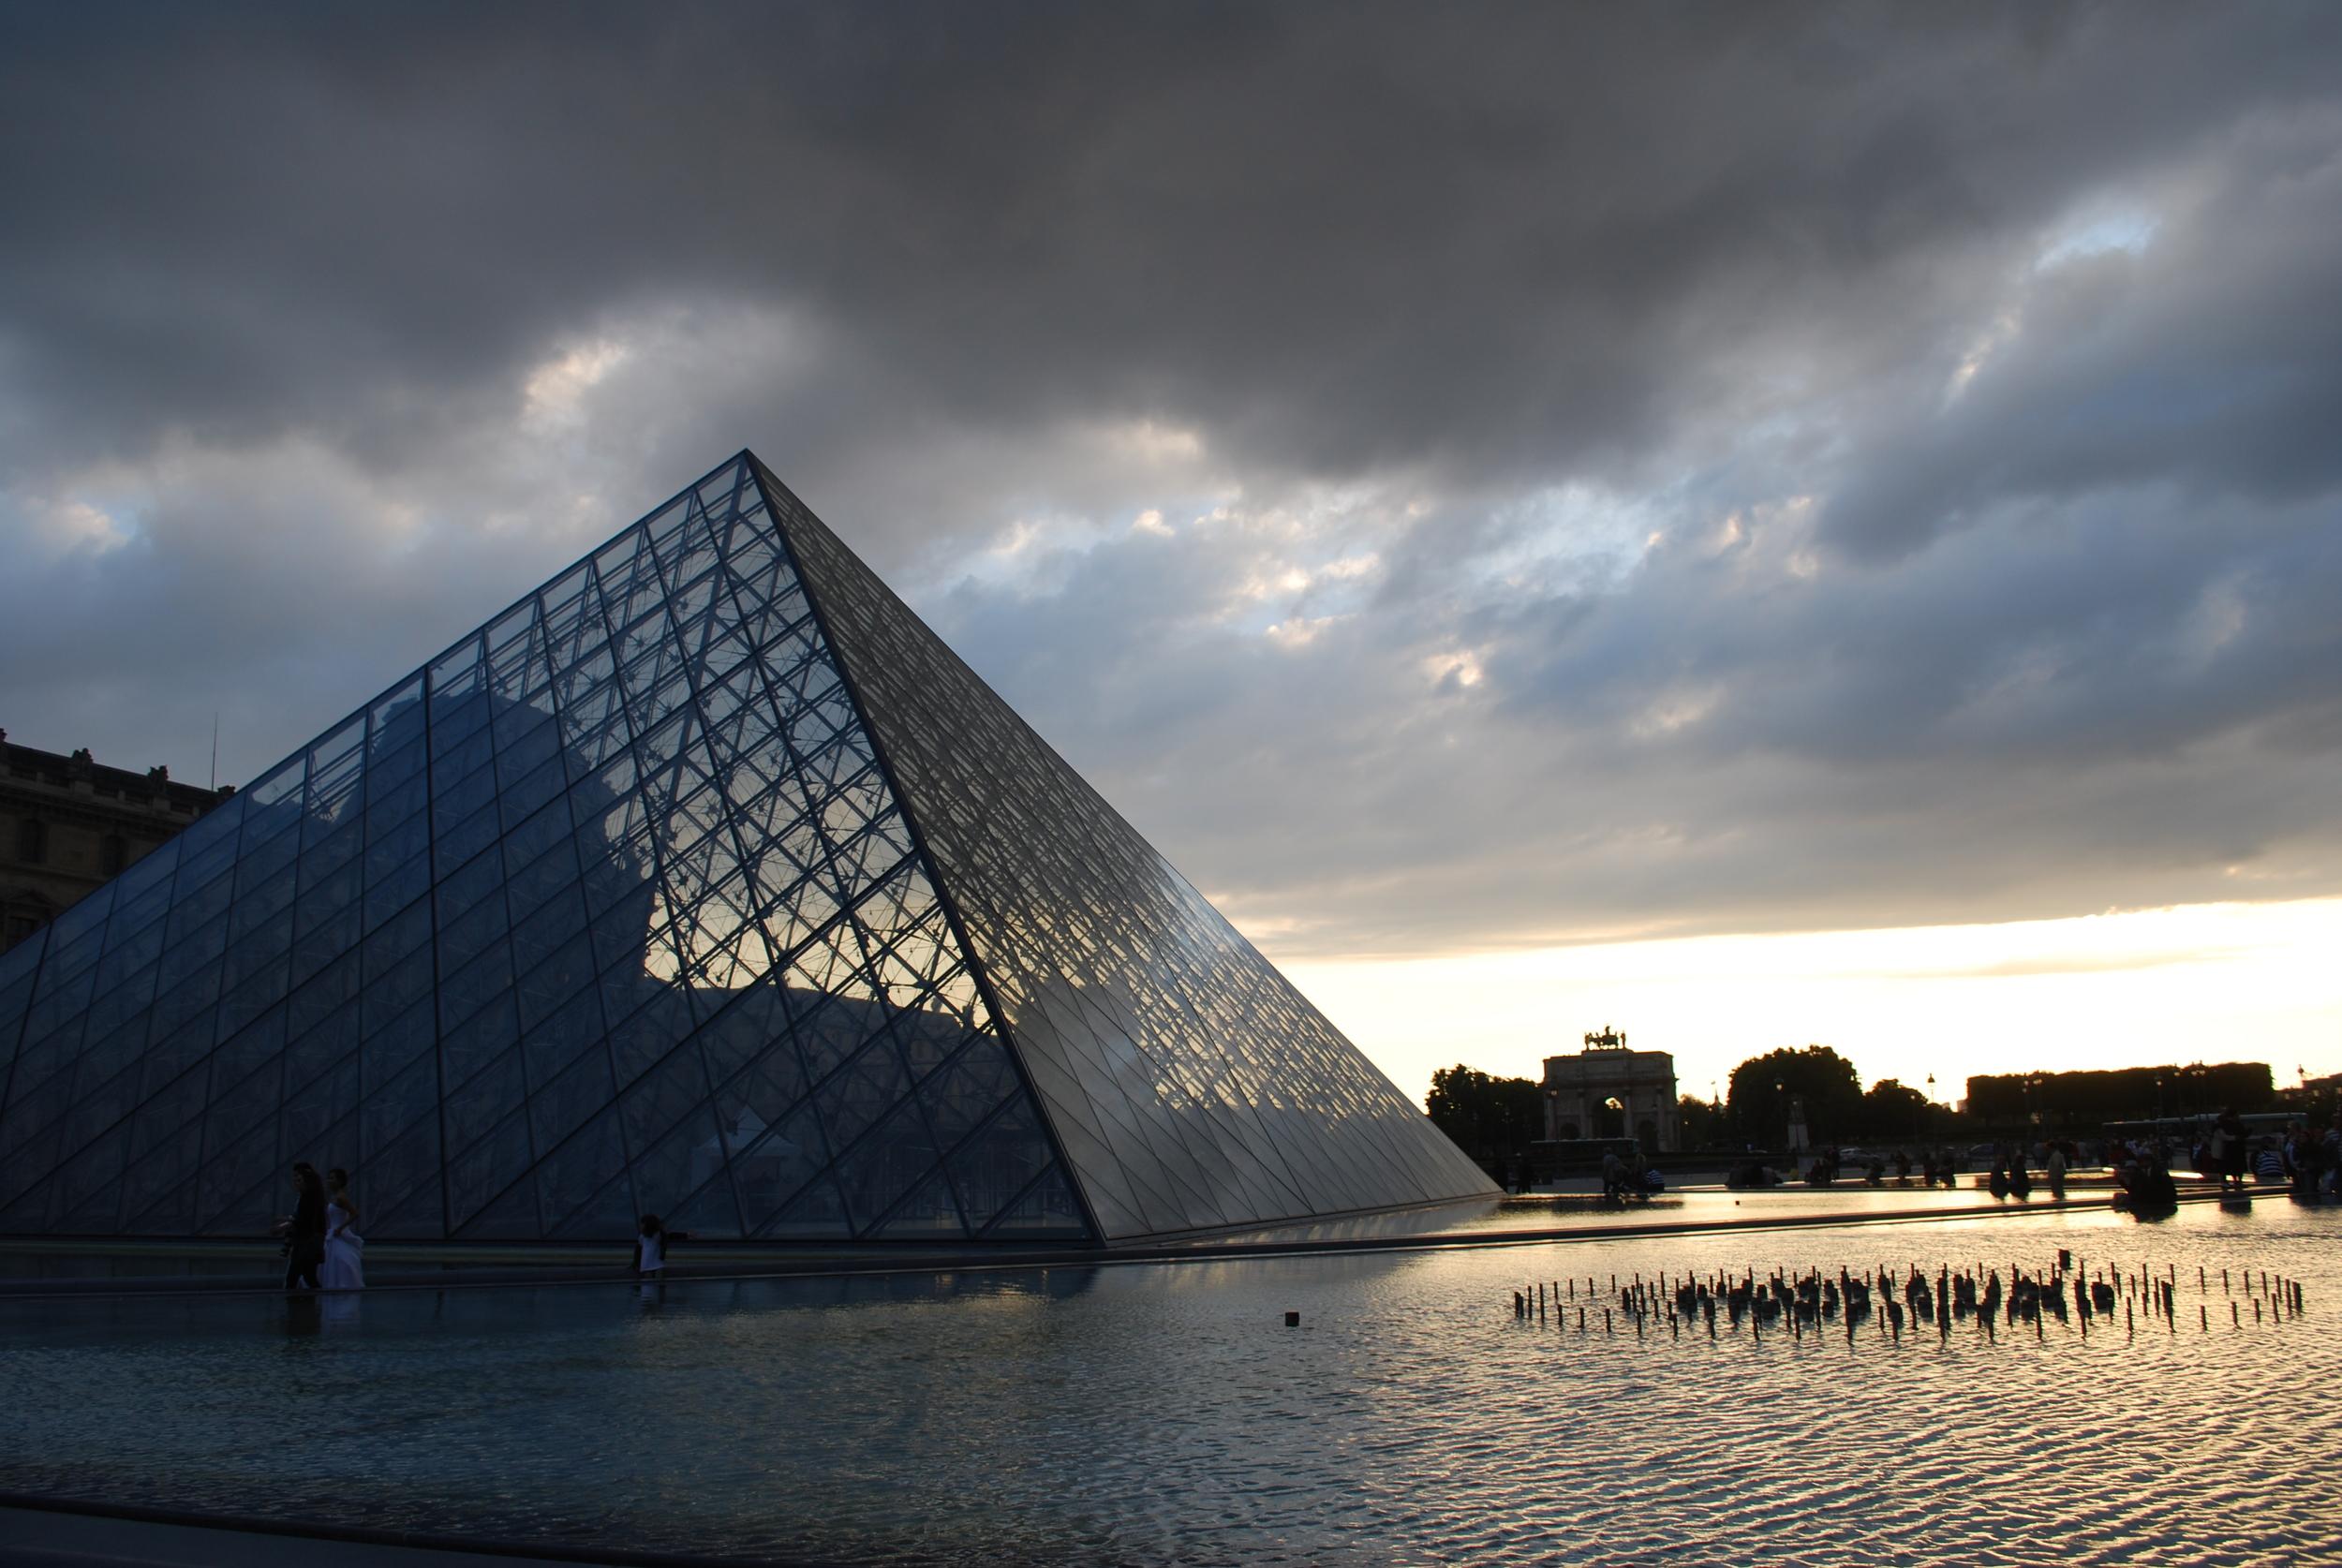 Louvre Museum. Paris, France.